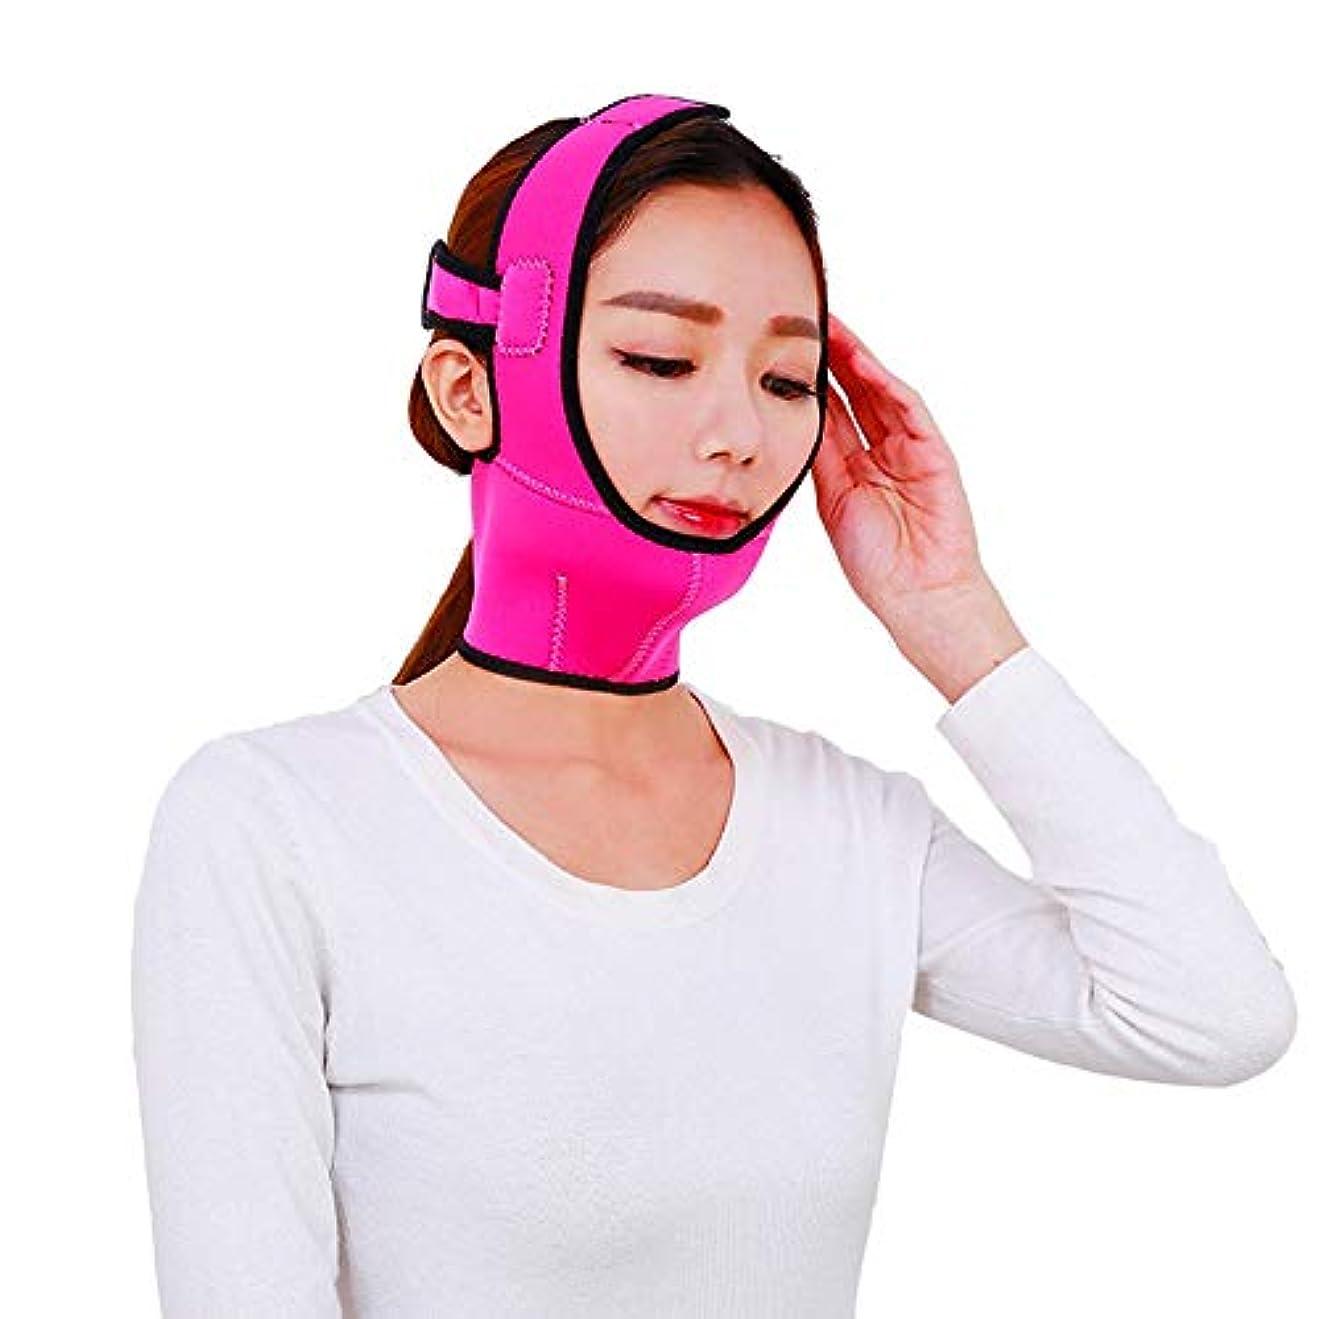 ひねくれた加入最も遠いMinmin フェイシャルリフティング痩身ベルト - 薄いフェイス包帯フェイスマスクベルトフリーフェイシャルマッサージ整形マスクダブルチンワークアウト みんみんVラインフェイスマスク